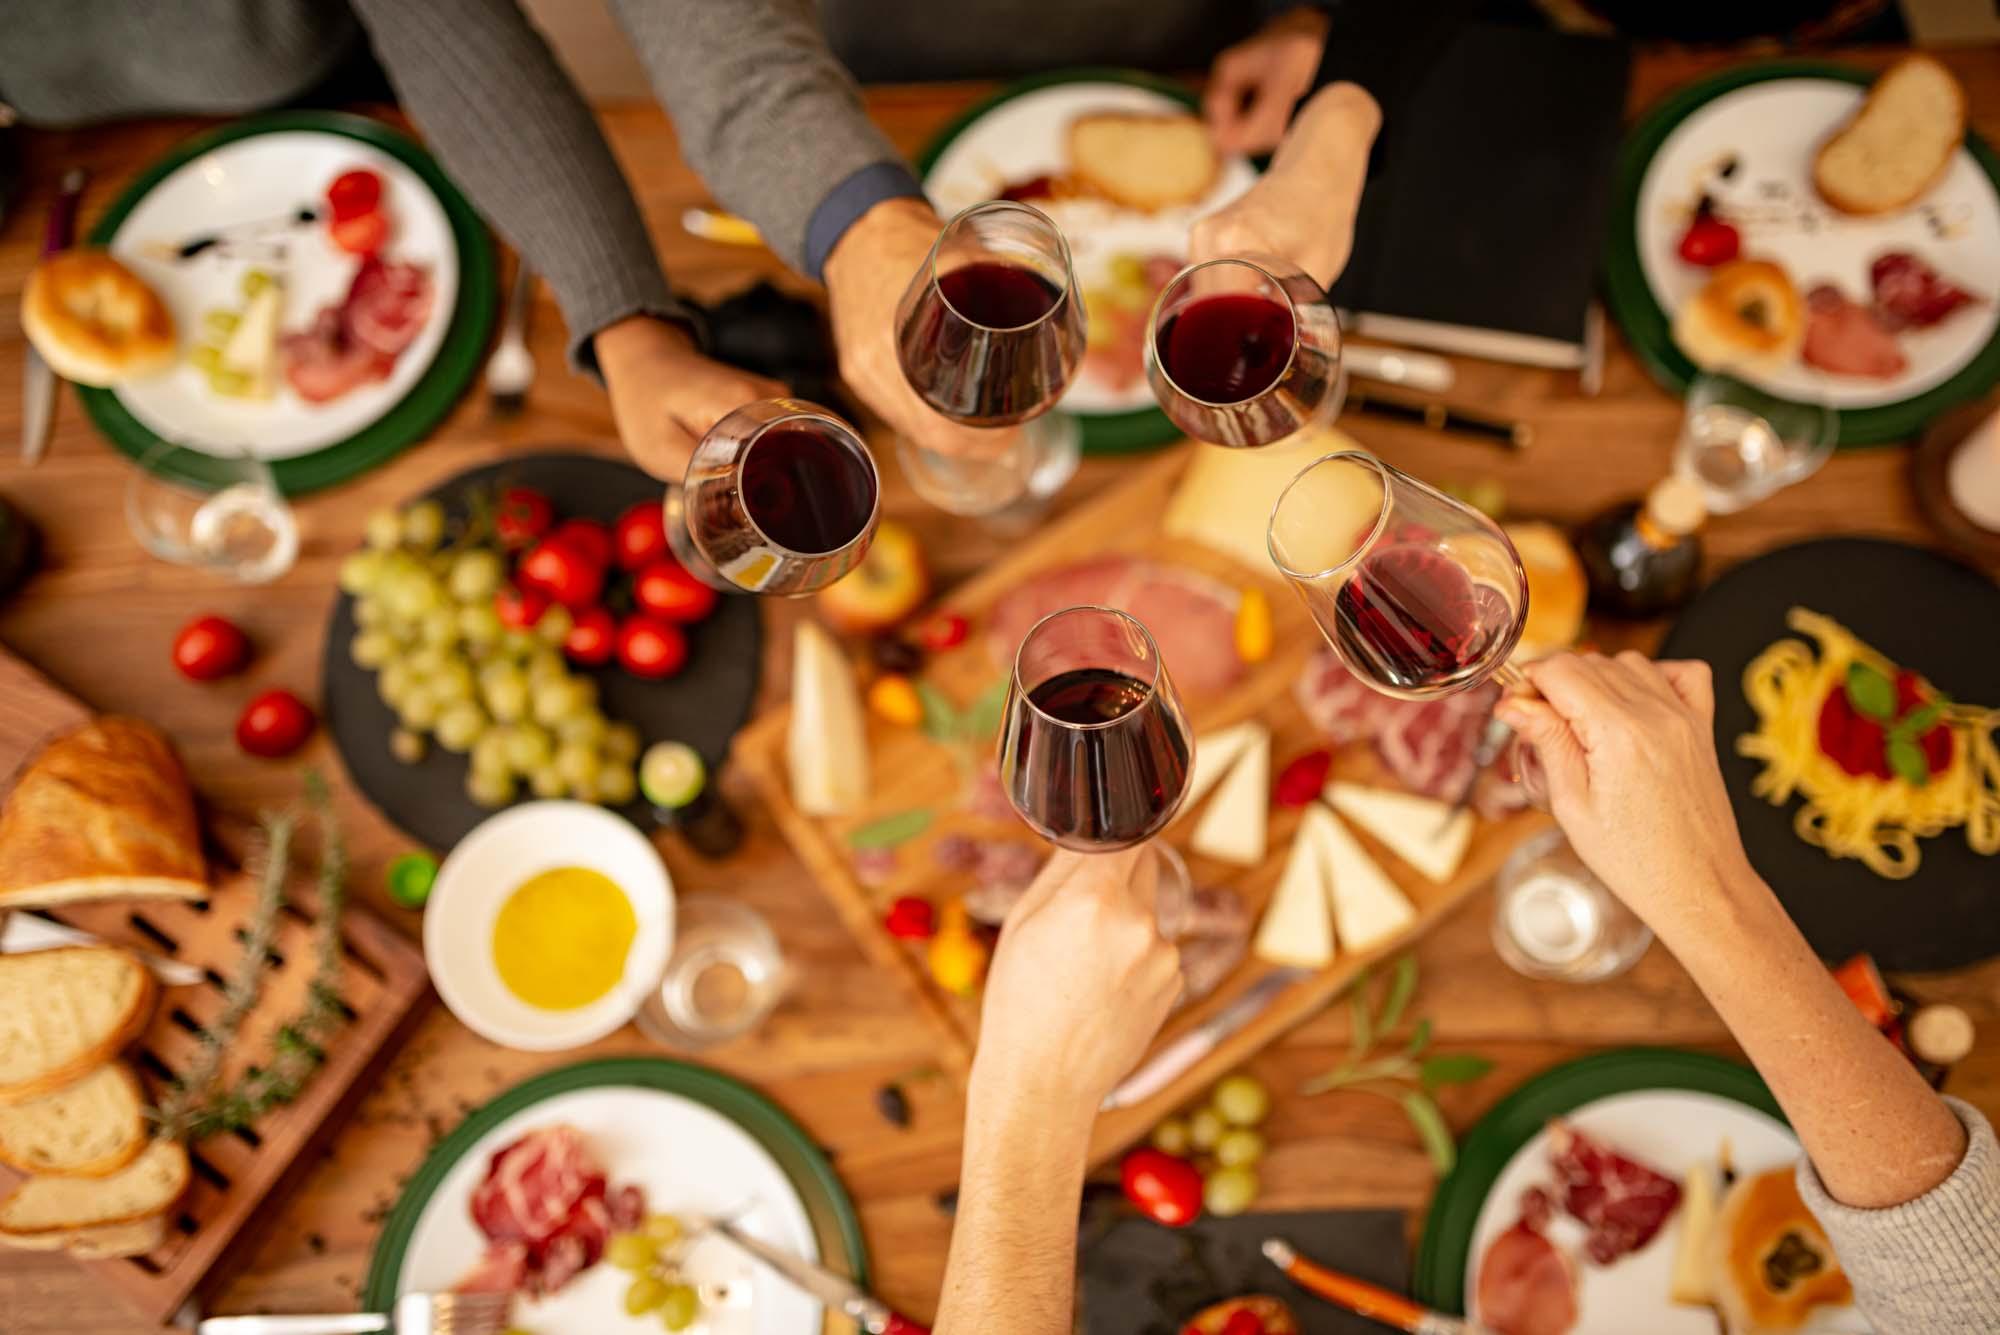 Cucina Amatoriale Cene Aziendali a Napoli